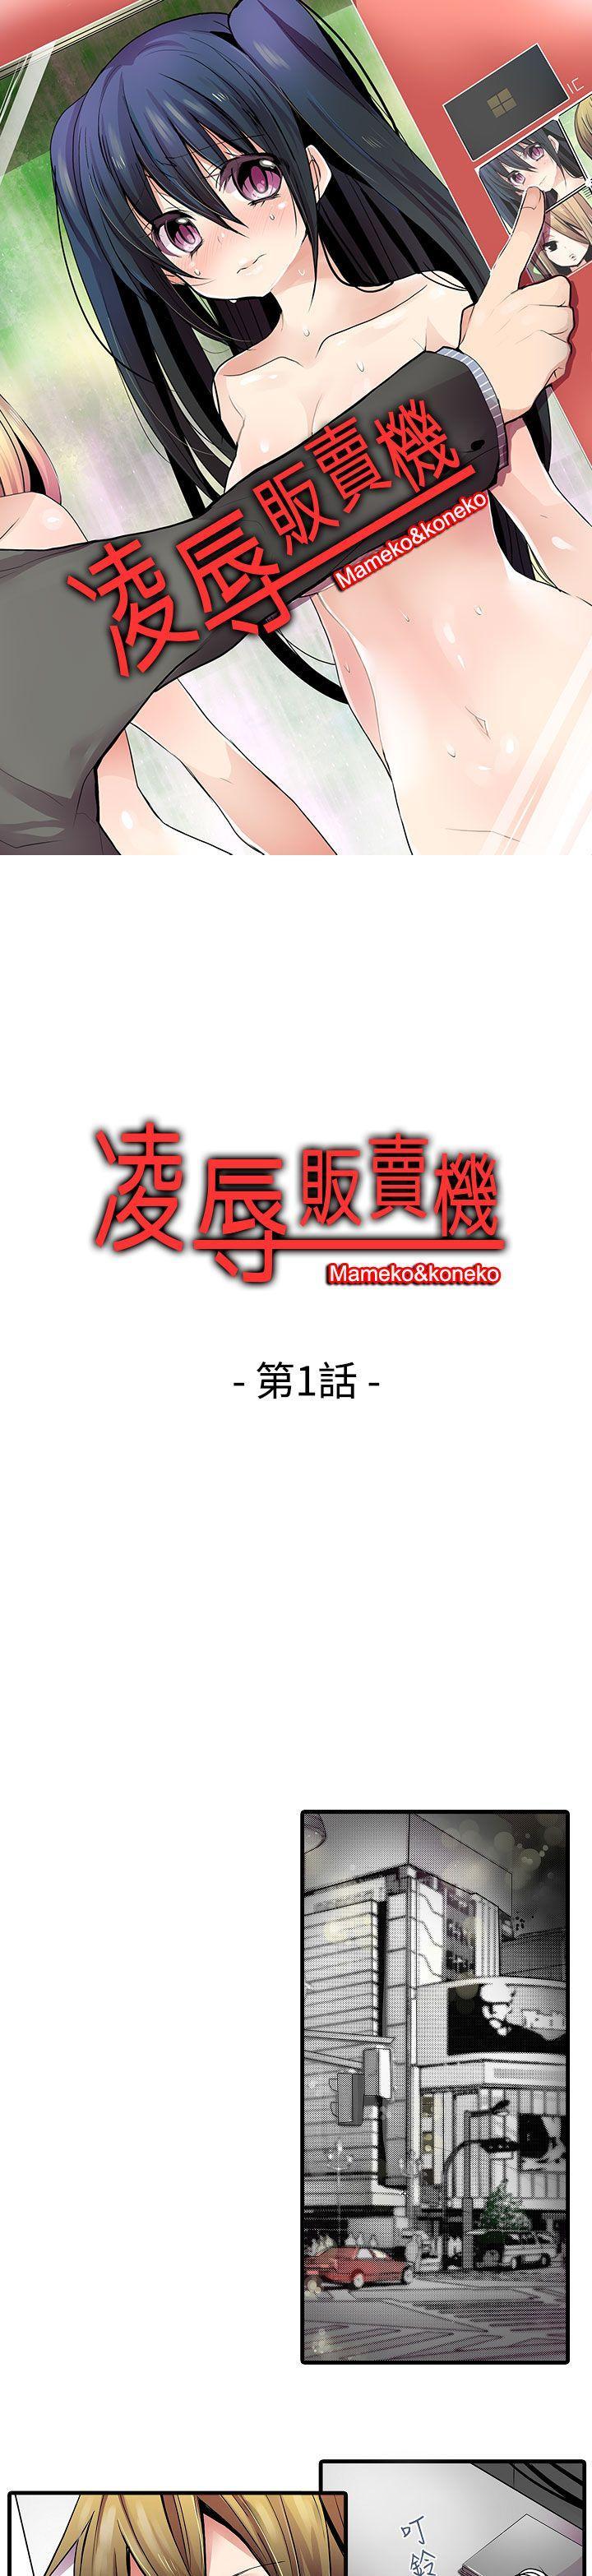 凌辱贩卖机-第1话全彩韩漫标签